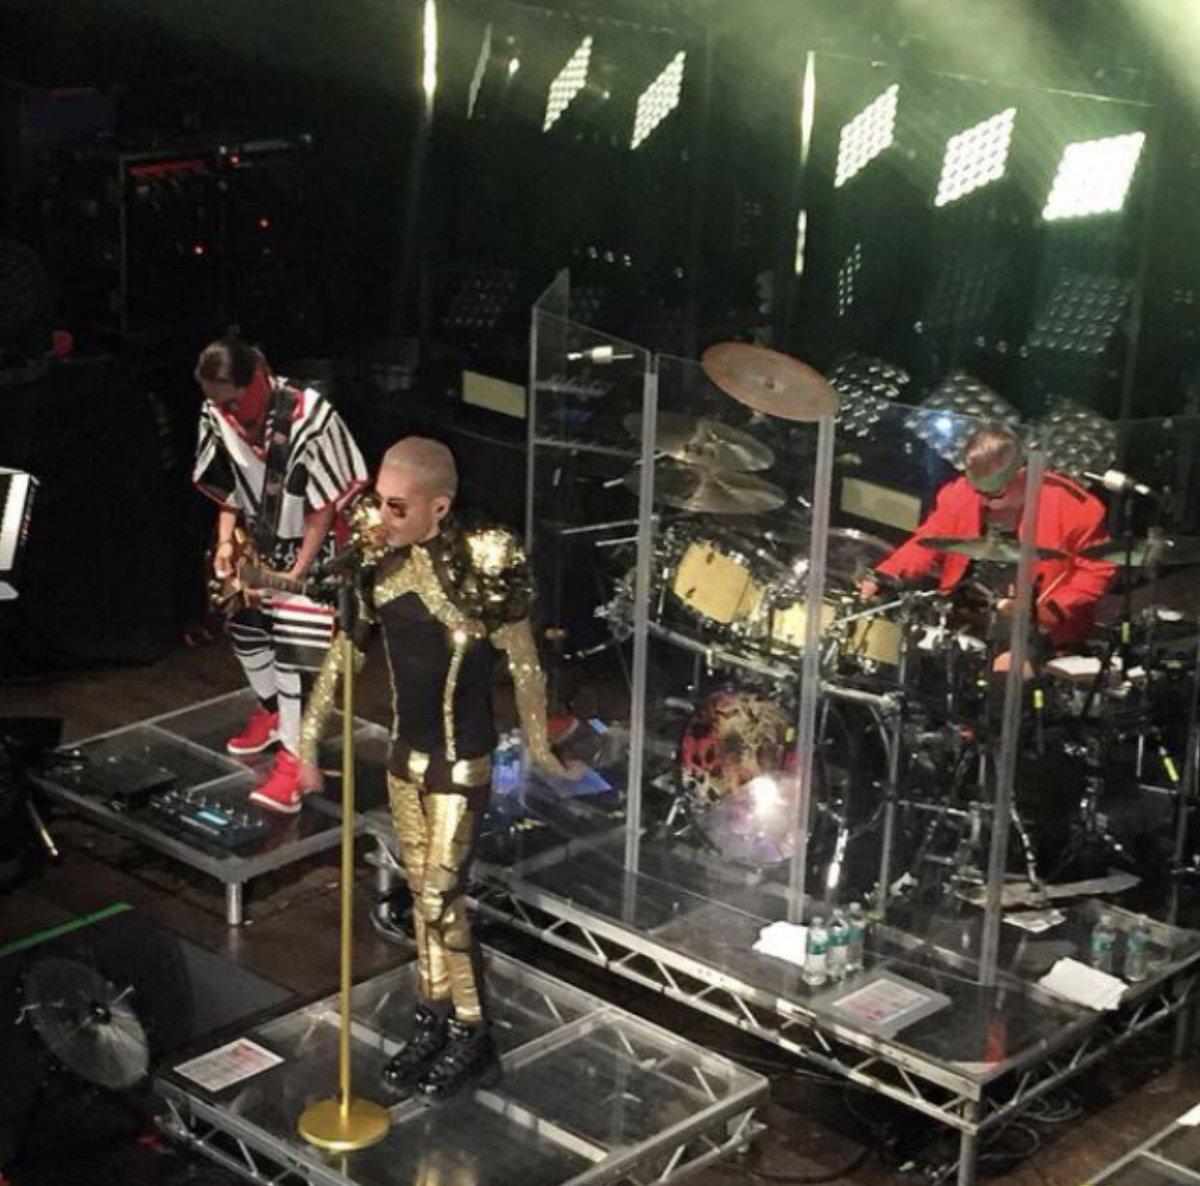 Konzertfoto von der Feel it all Tour!  Concertpic from The Feel it all Tour! #billkaulitz #konzertfoto #concertpic #feelitall #worldtour #tokiohotel #liveonstagepic.twitter.com/ypmmxtF8F2